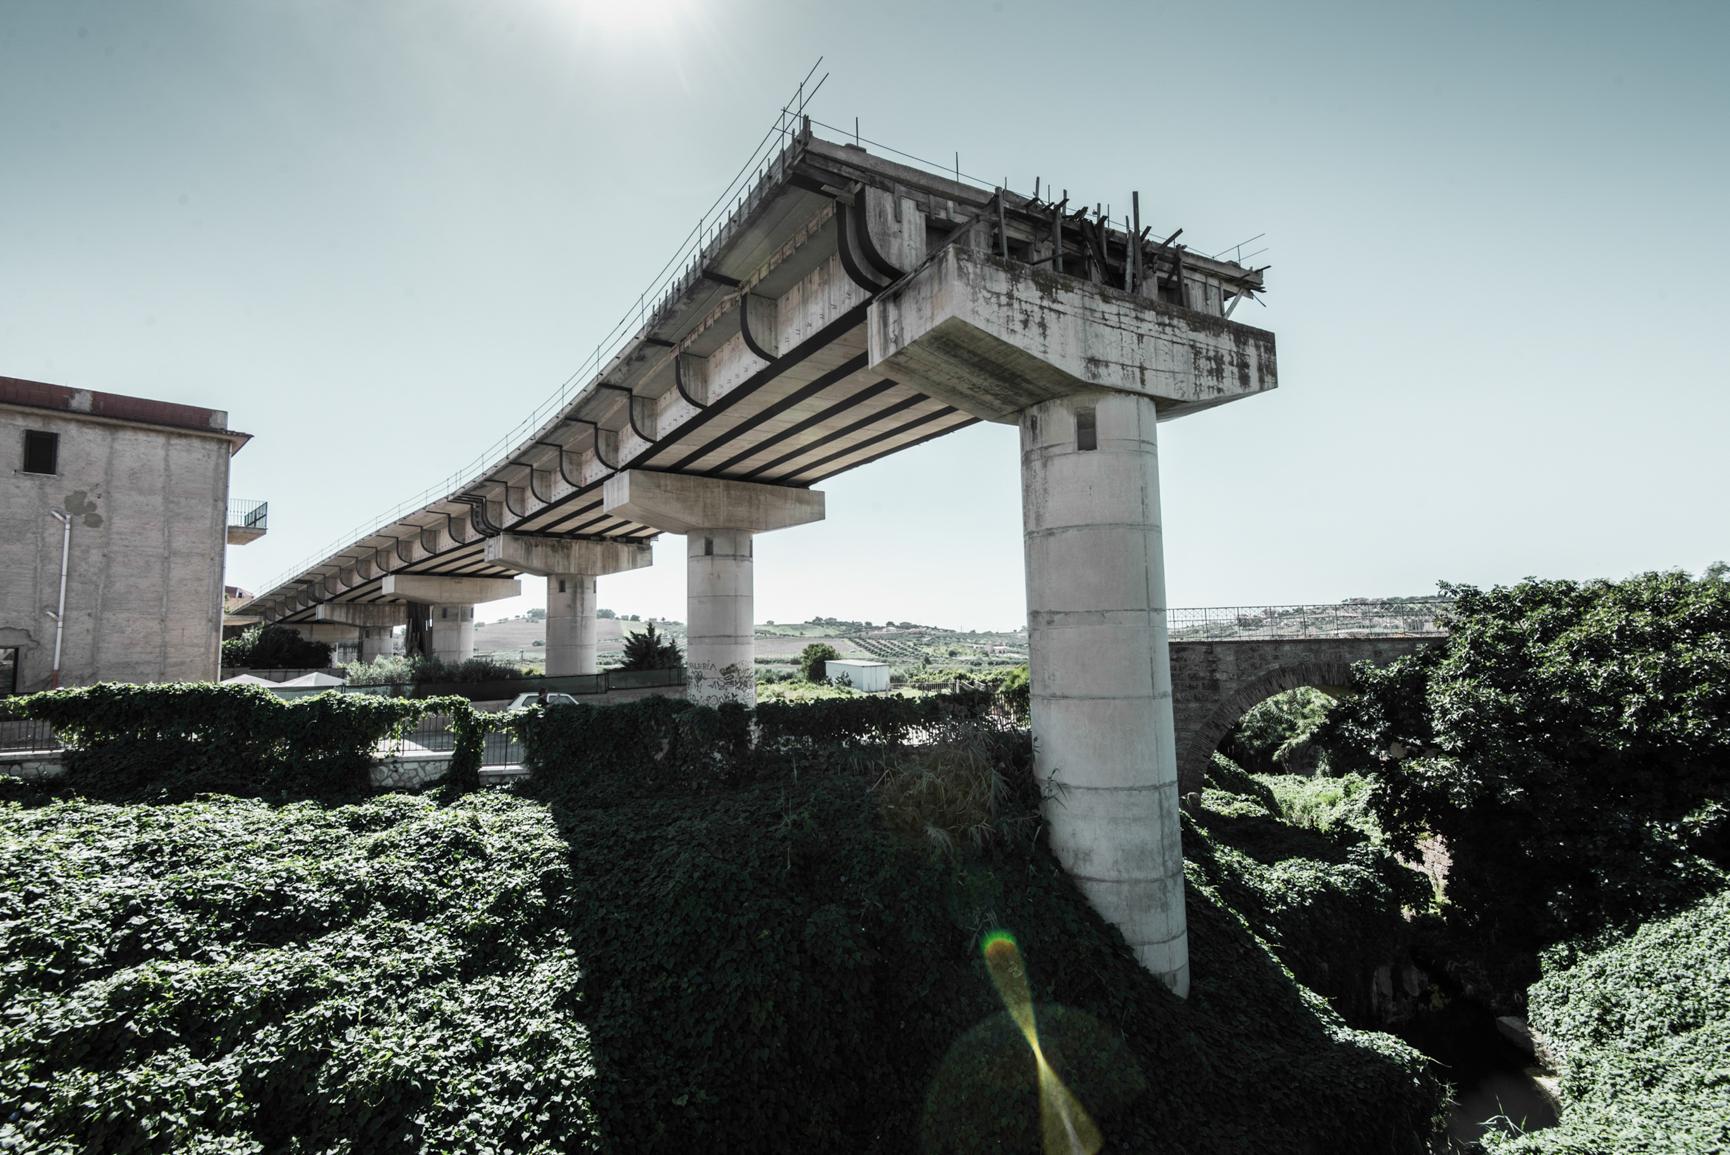 Siculiana (agrigento) ponte sospeso  (2).jpg